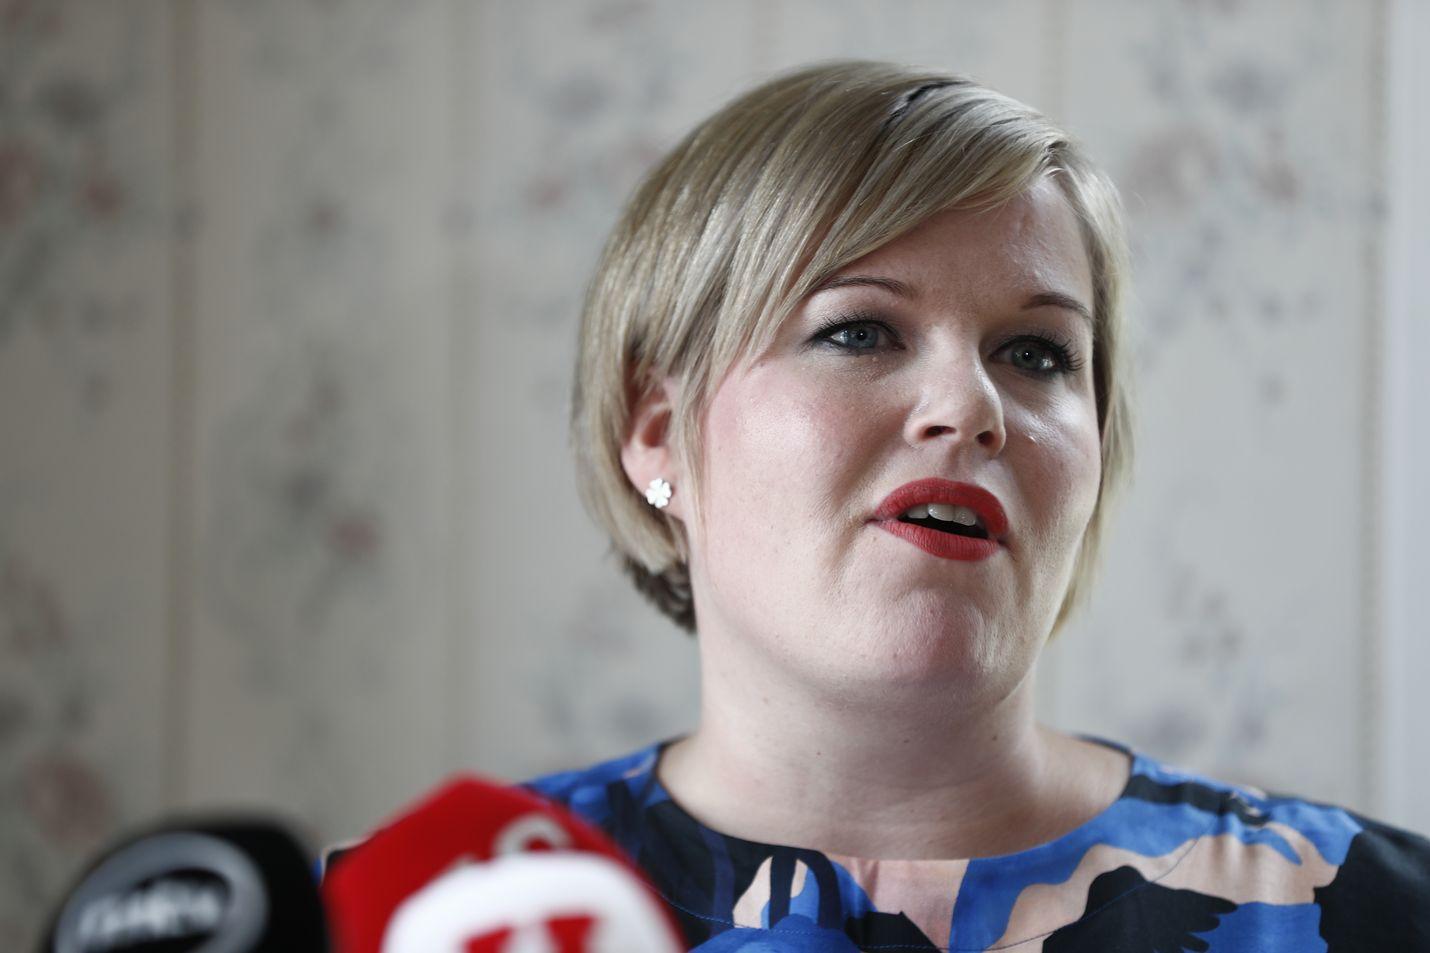 Annika Saarikolle oli vaikea päätös lähteä haastamaan Katri Kulmunia.